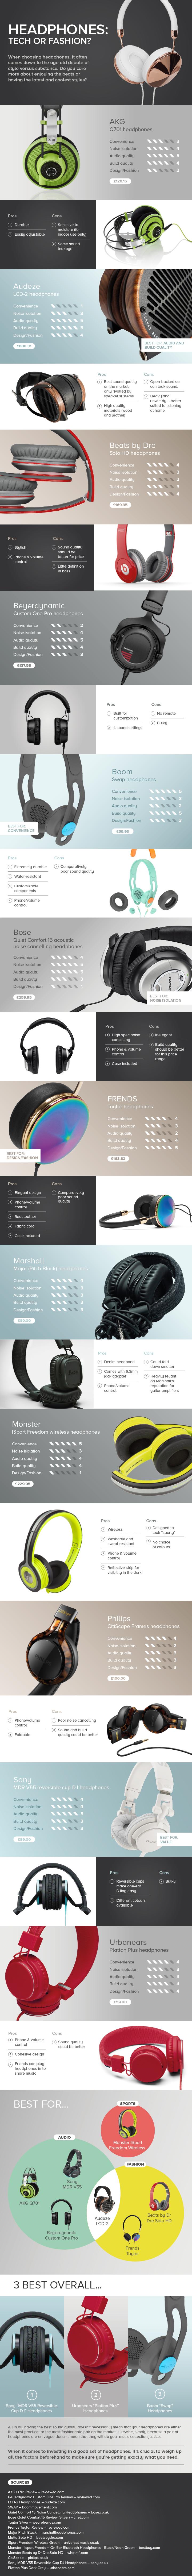 Best Headphones for 2014